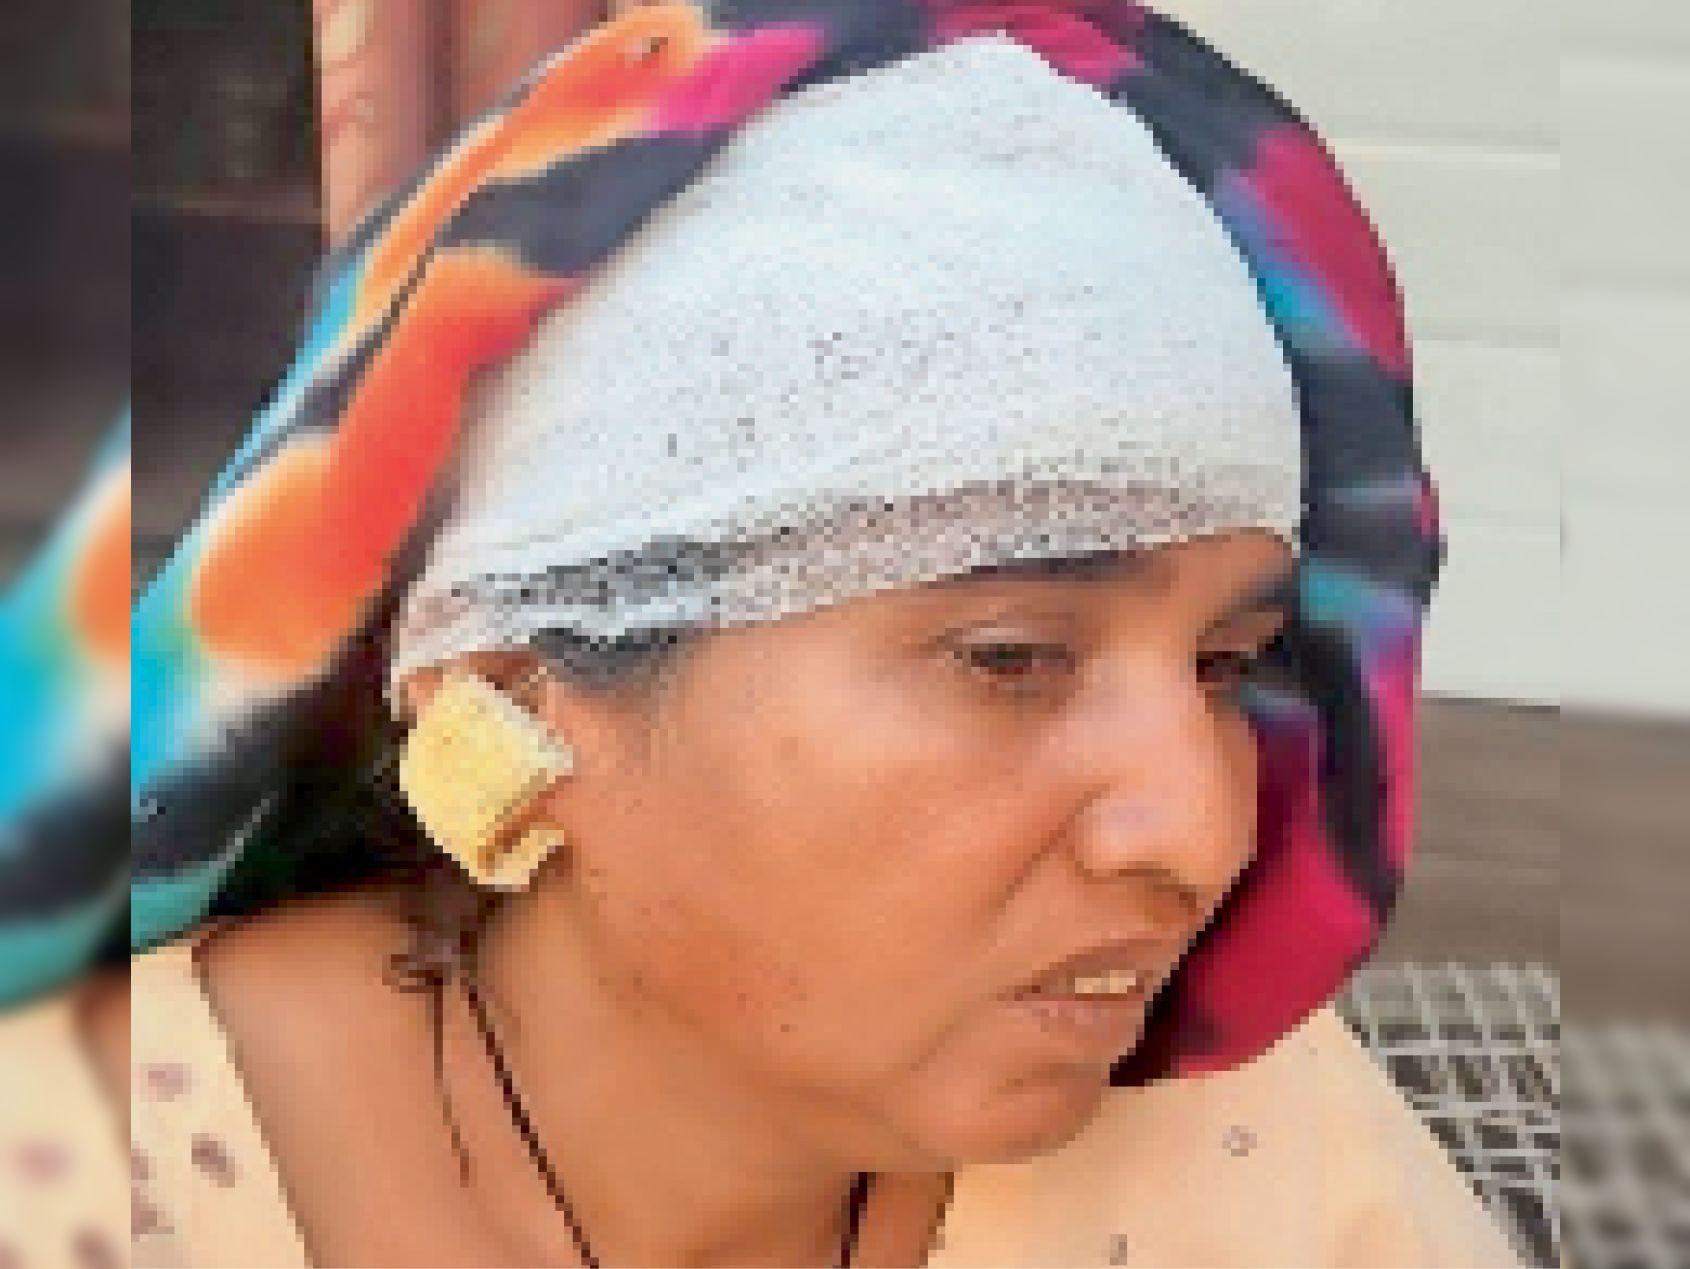 9 दिन में चौथी वारदात, नंबरदार की पत्नी से लूटी सोने की बाली; कान फटने से लहूलुहान|पानीपत,Panipat - Dainik Bhaskar